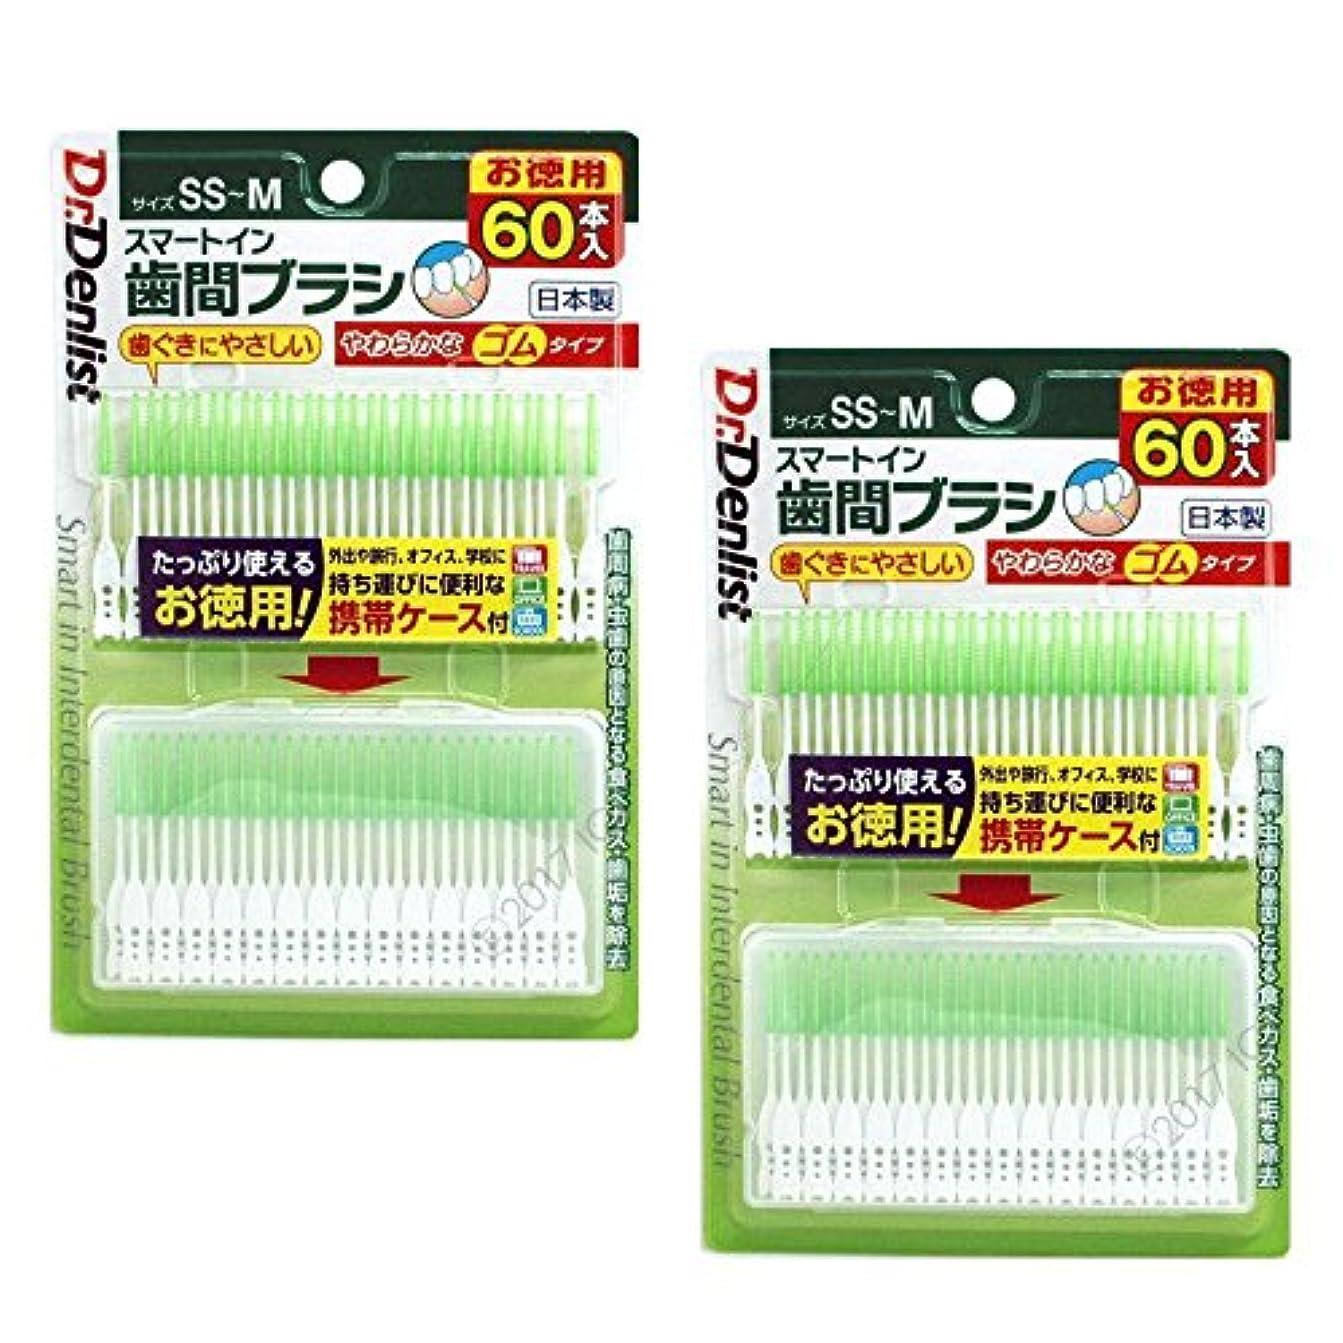 酸度フレッシュ免除歯間ブラシ スマートイン 60本×2個(計120本) お徳用 やわらかなゴムタイプ